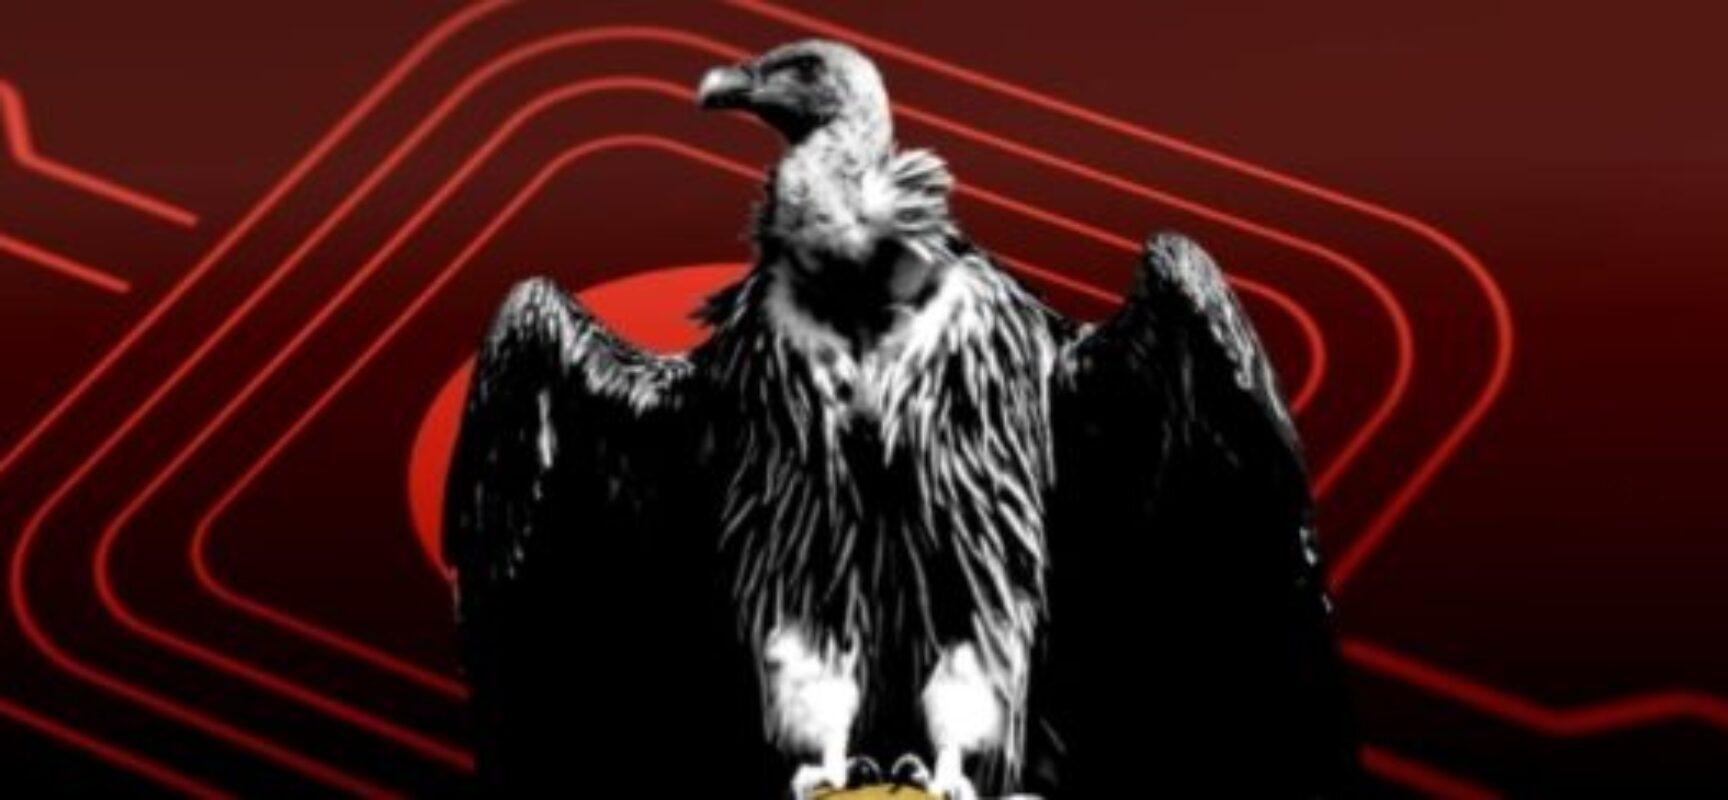 Análise Tática Flamengo 3 x 1 Palmeiras: A vitória do elenco forte e adaptável